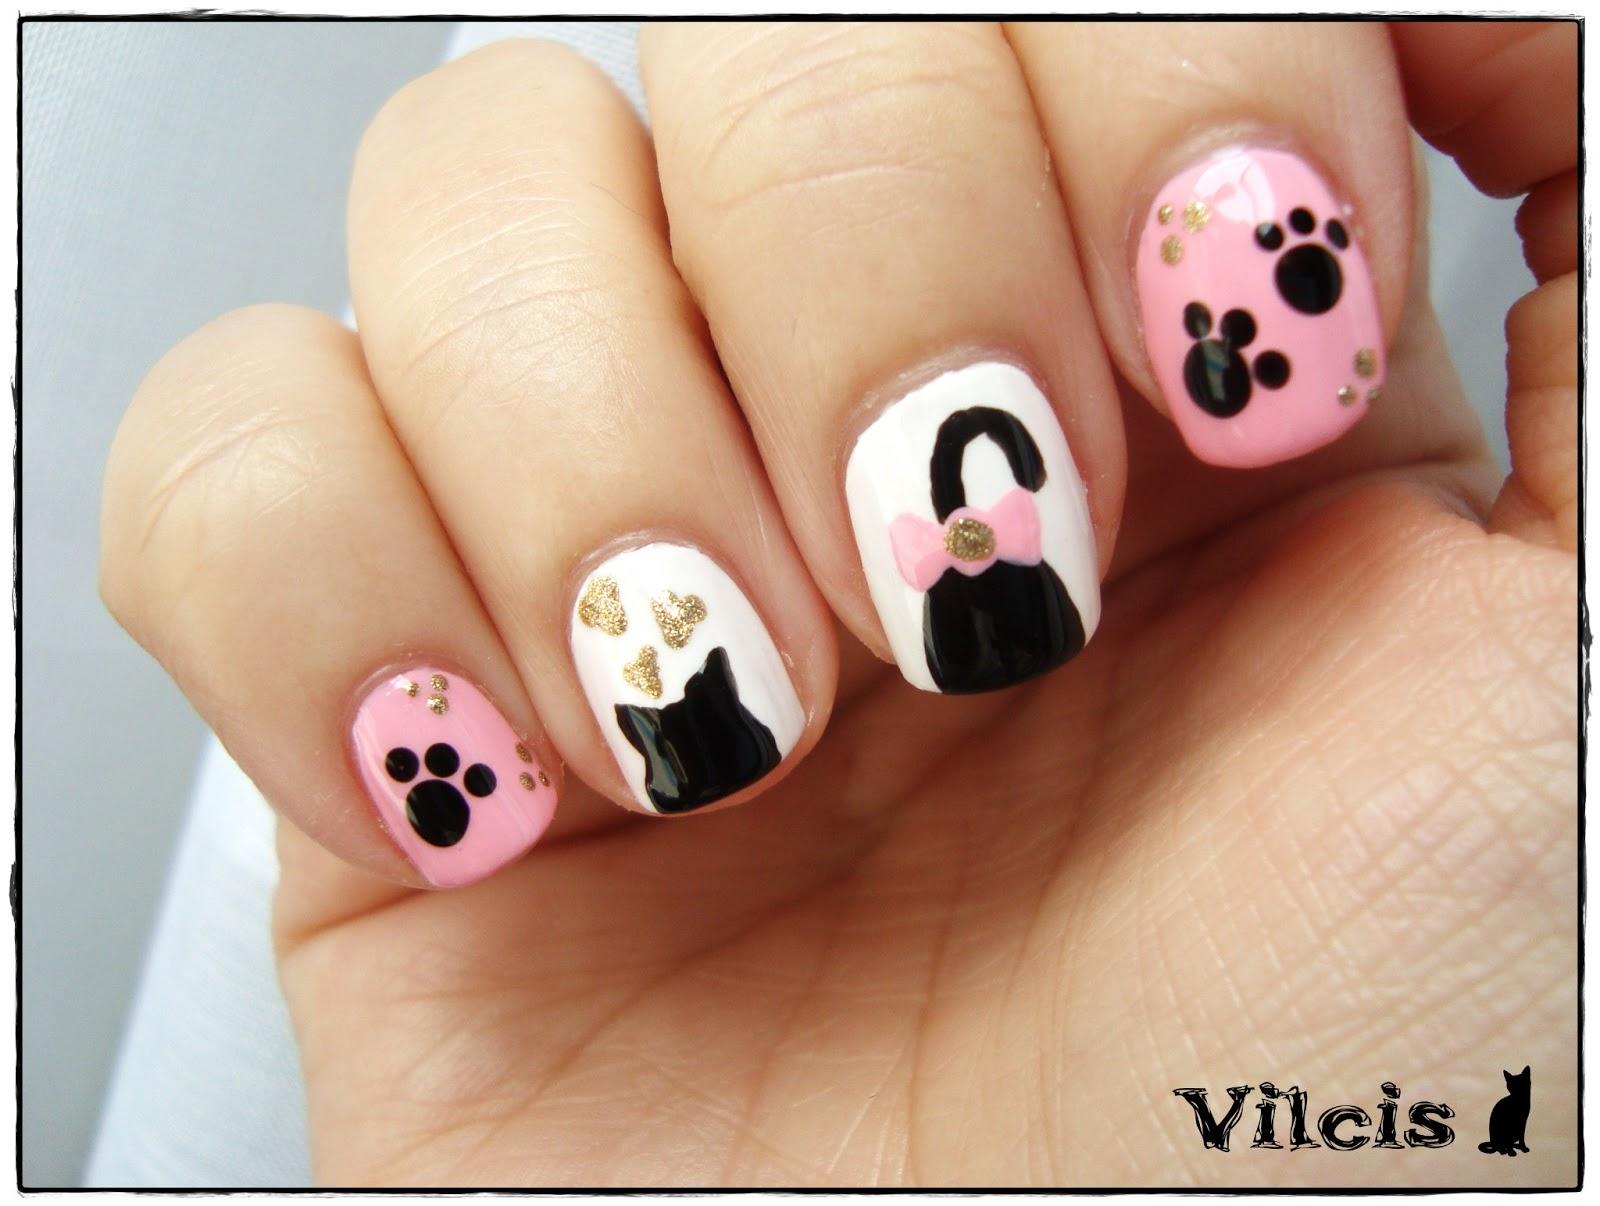 Vilcis nail designs: Desafío 31 días - Día 30 - Diseño uñas ...